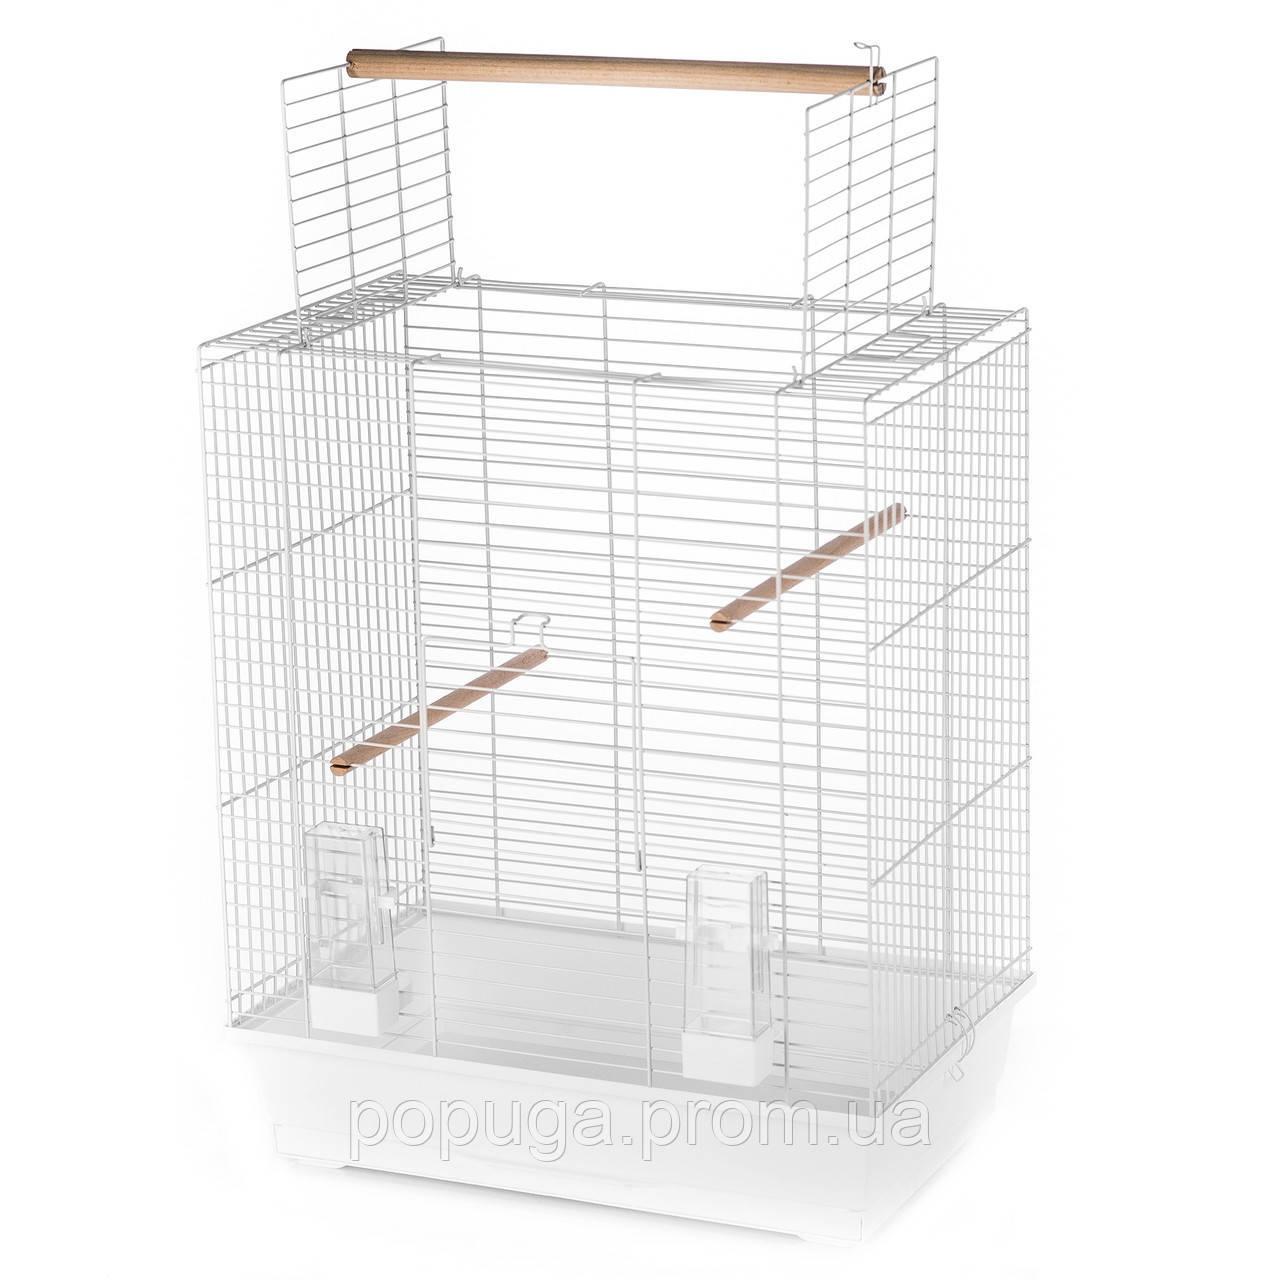 Клетка для средних попугаев Ara zinc, 54x34x68,5 см